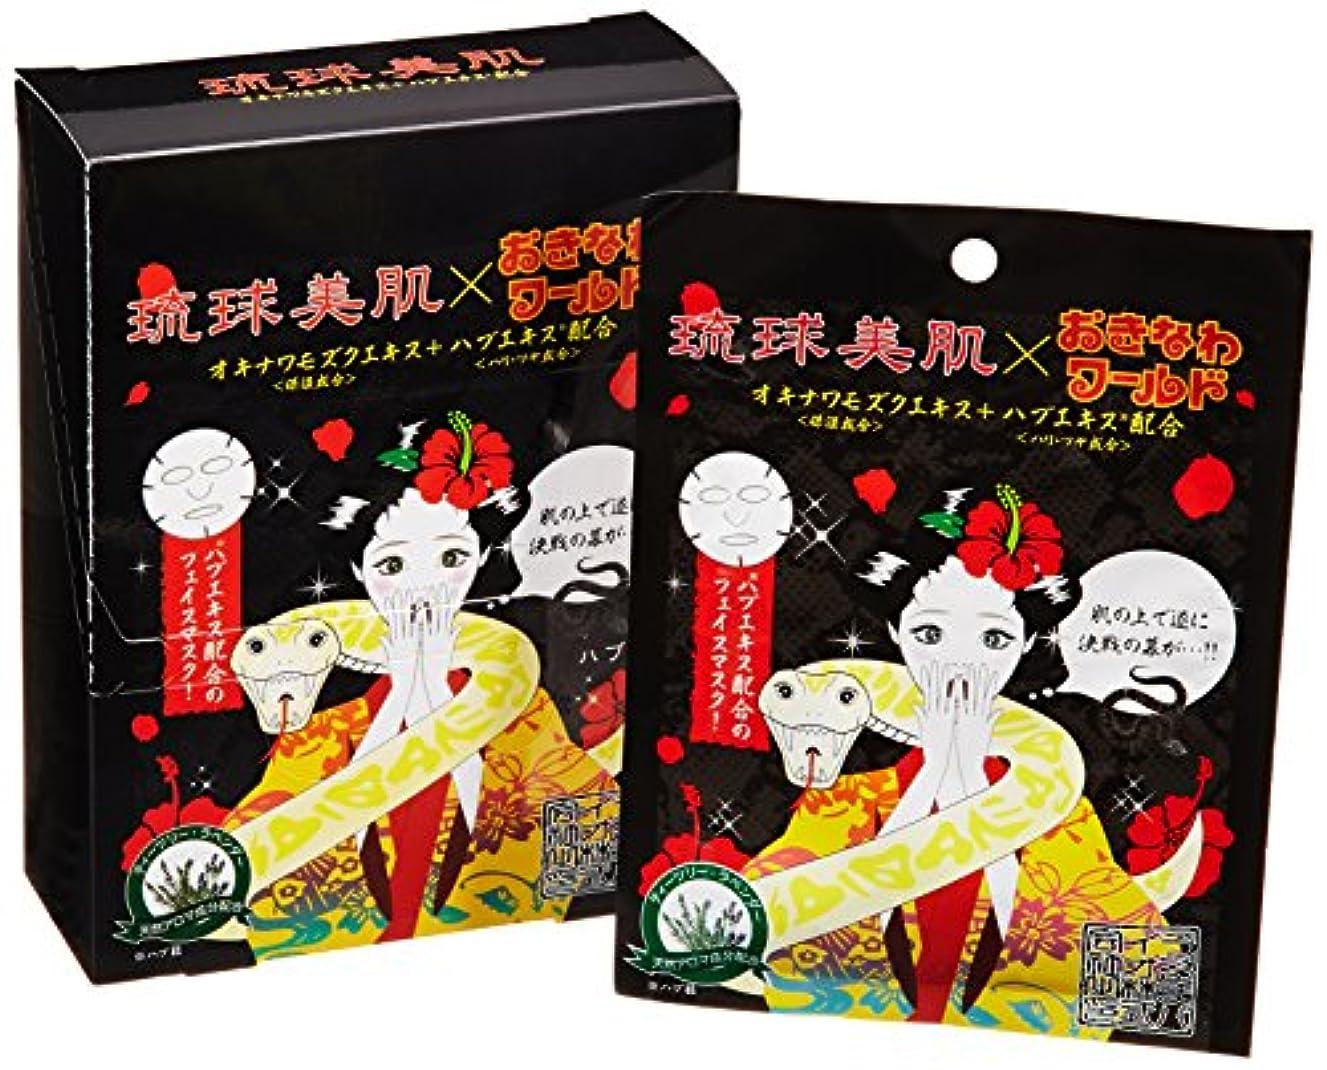 放散する肉リブ琉球美肌 フェイスマスクシート(ハブ) 天然由来のティーツリー&ラベンダーの香り 10枚セット